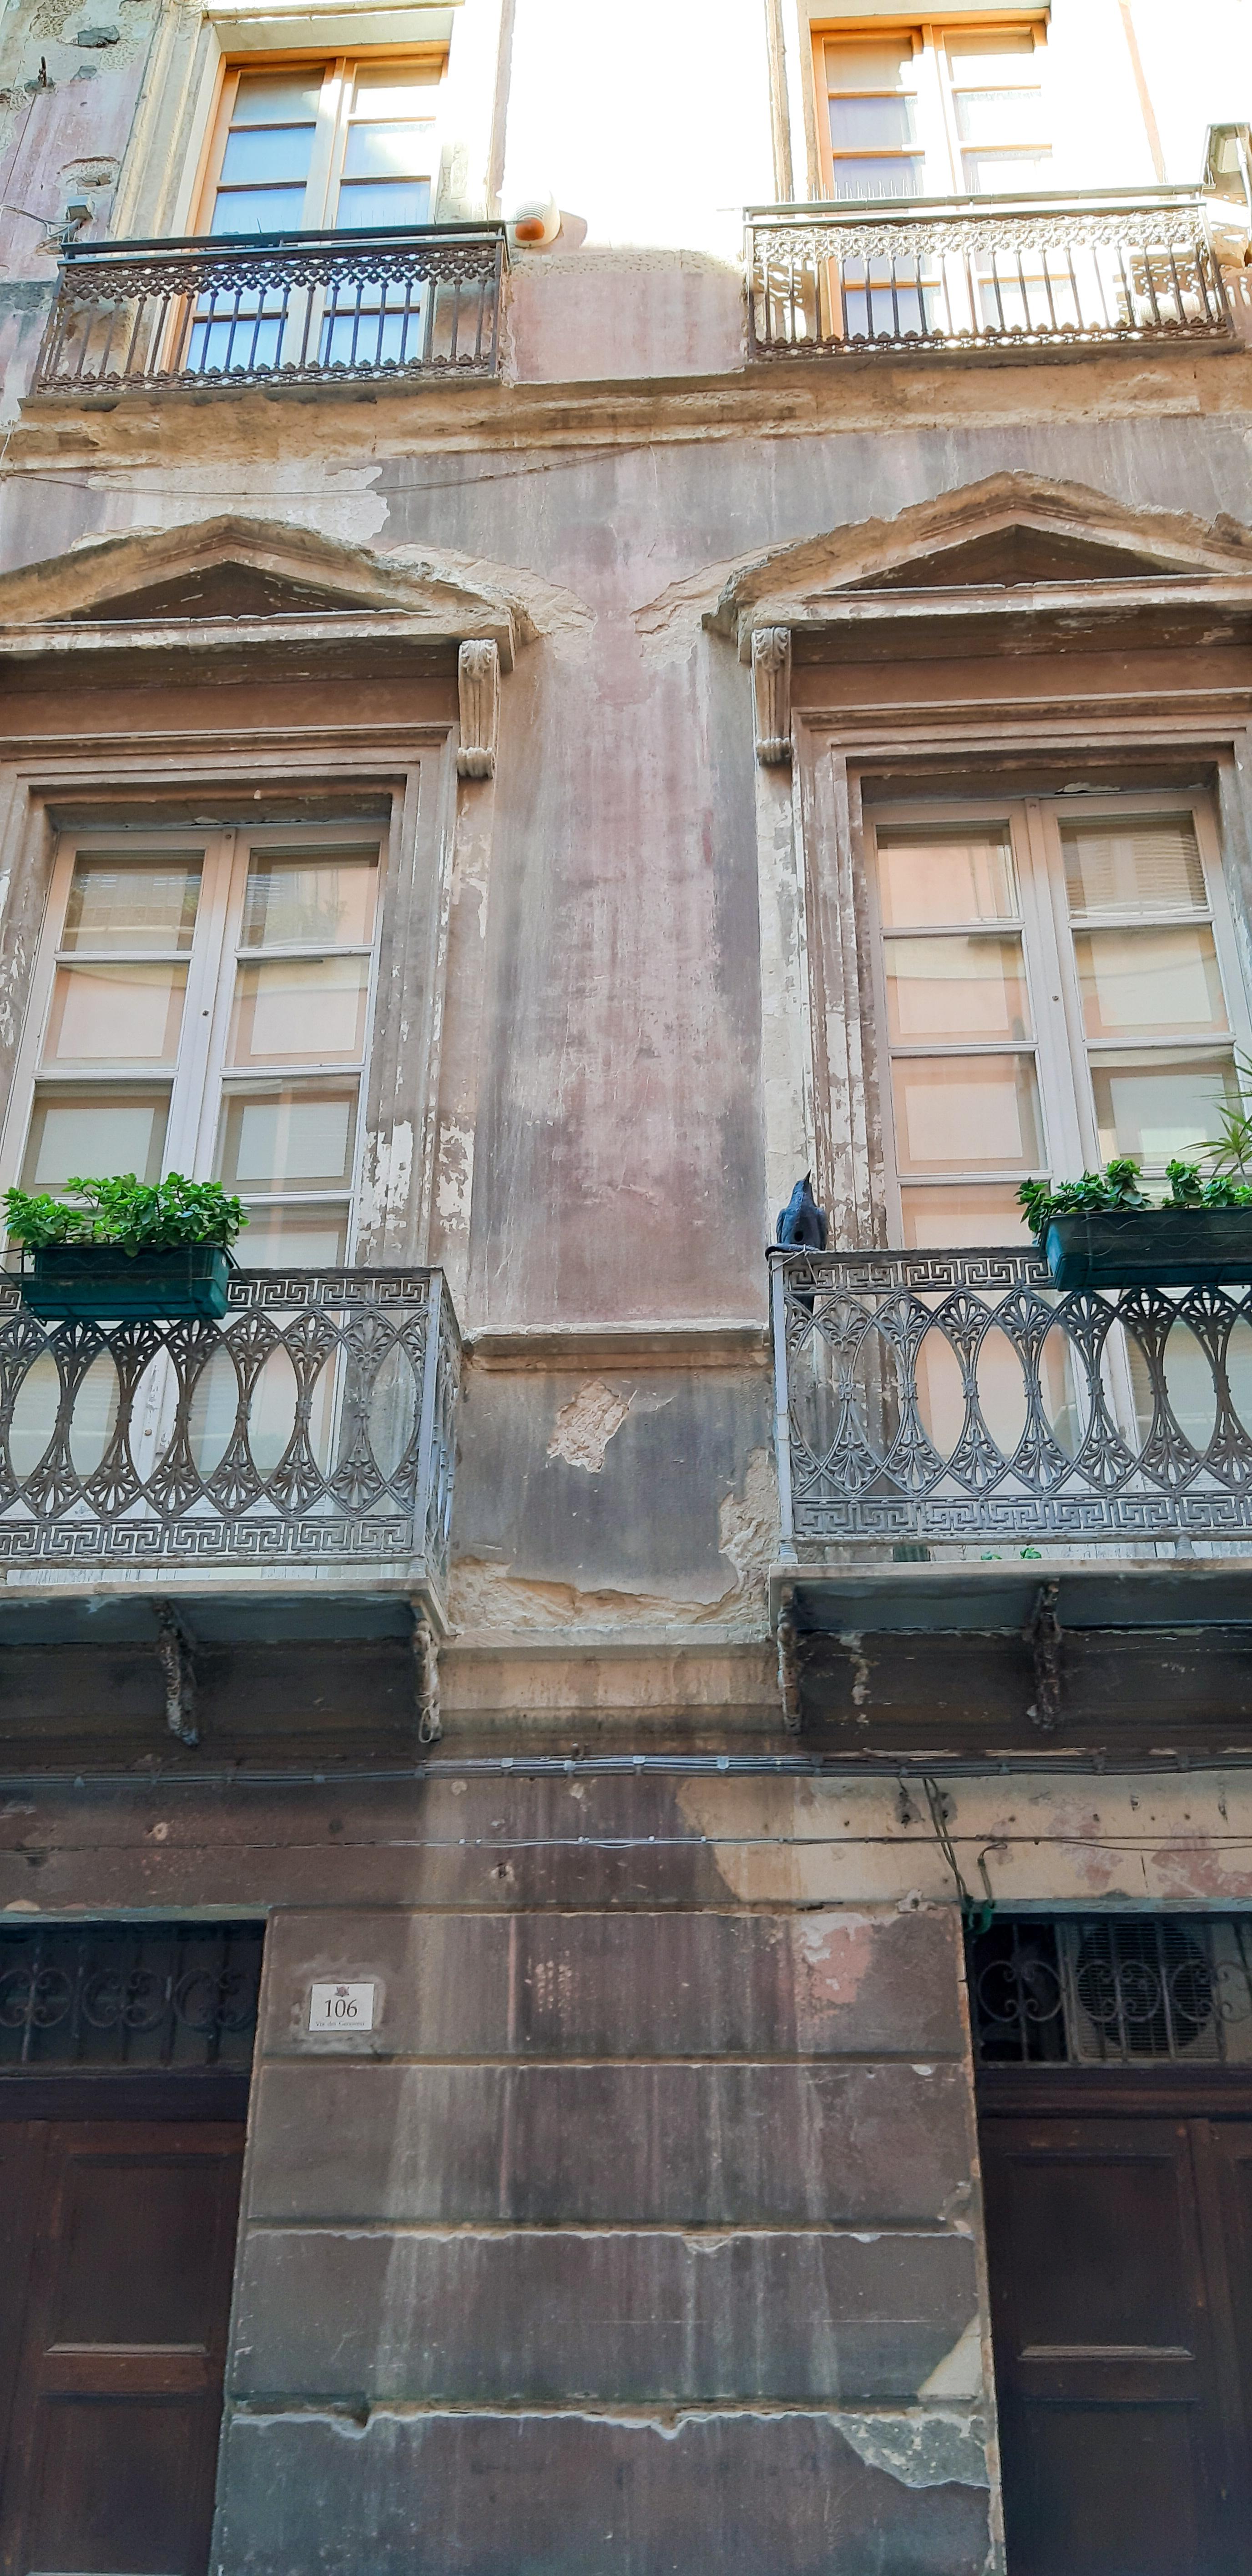 Corvo in via dei Genovesi a Cagliari